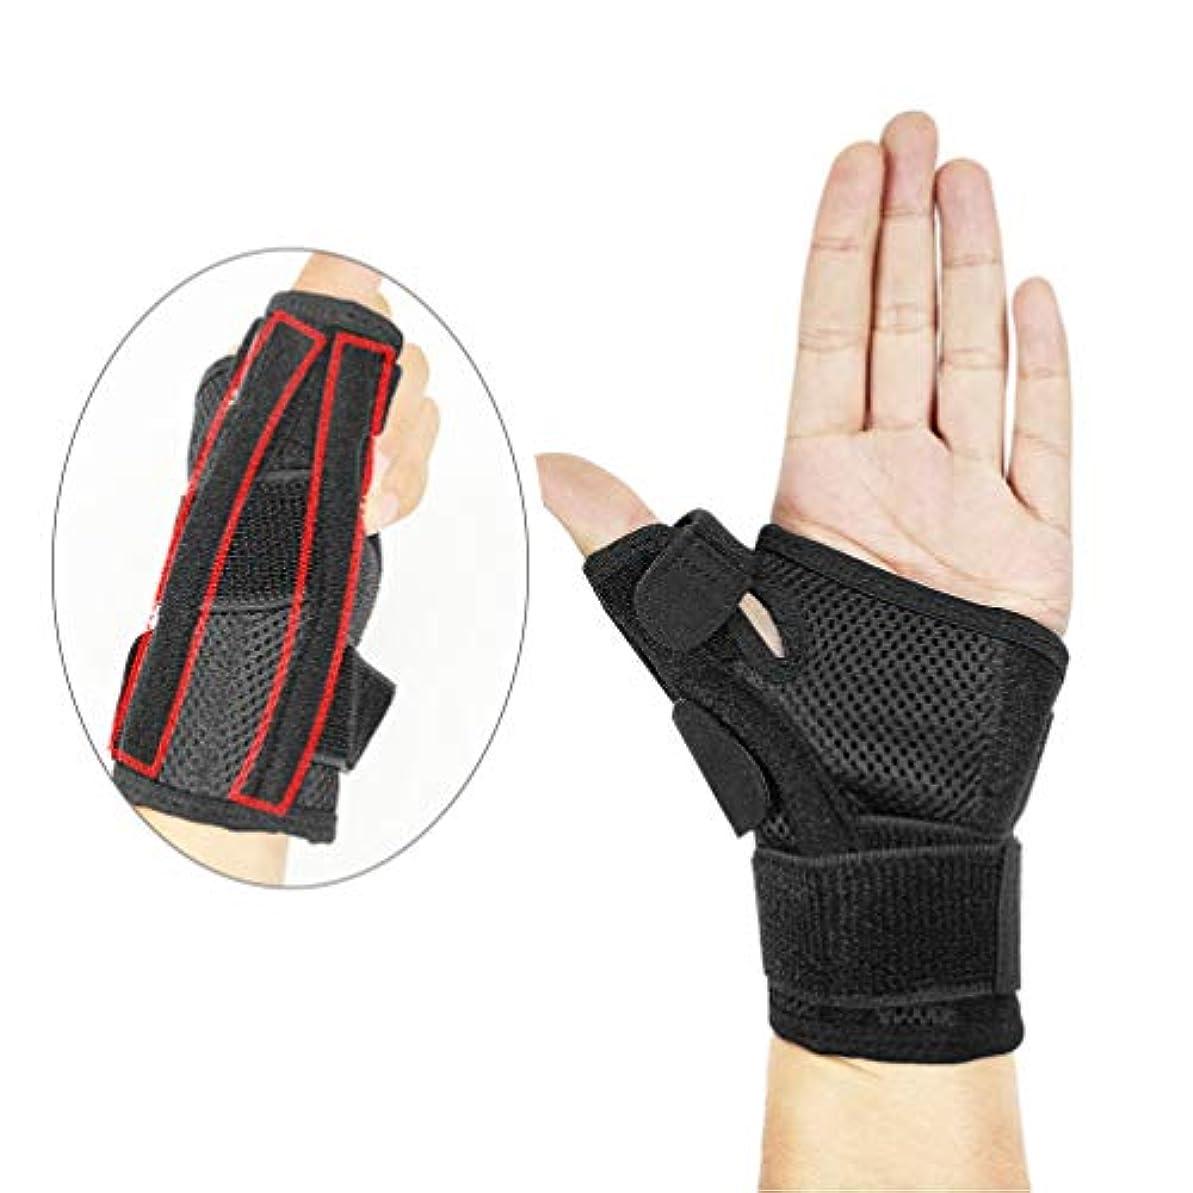 湖長老伸ばすHeallily 手首の圧縮手首のトンネルの苦痛救助、関節炎、腱炎のための1つの手首の圧縮の袖の調節可能な手首の支柱の保護装置